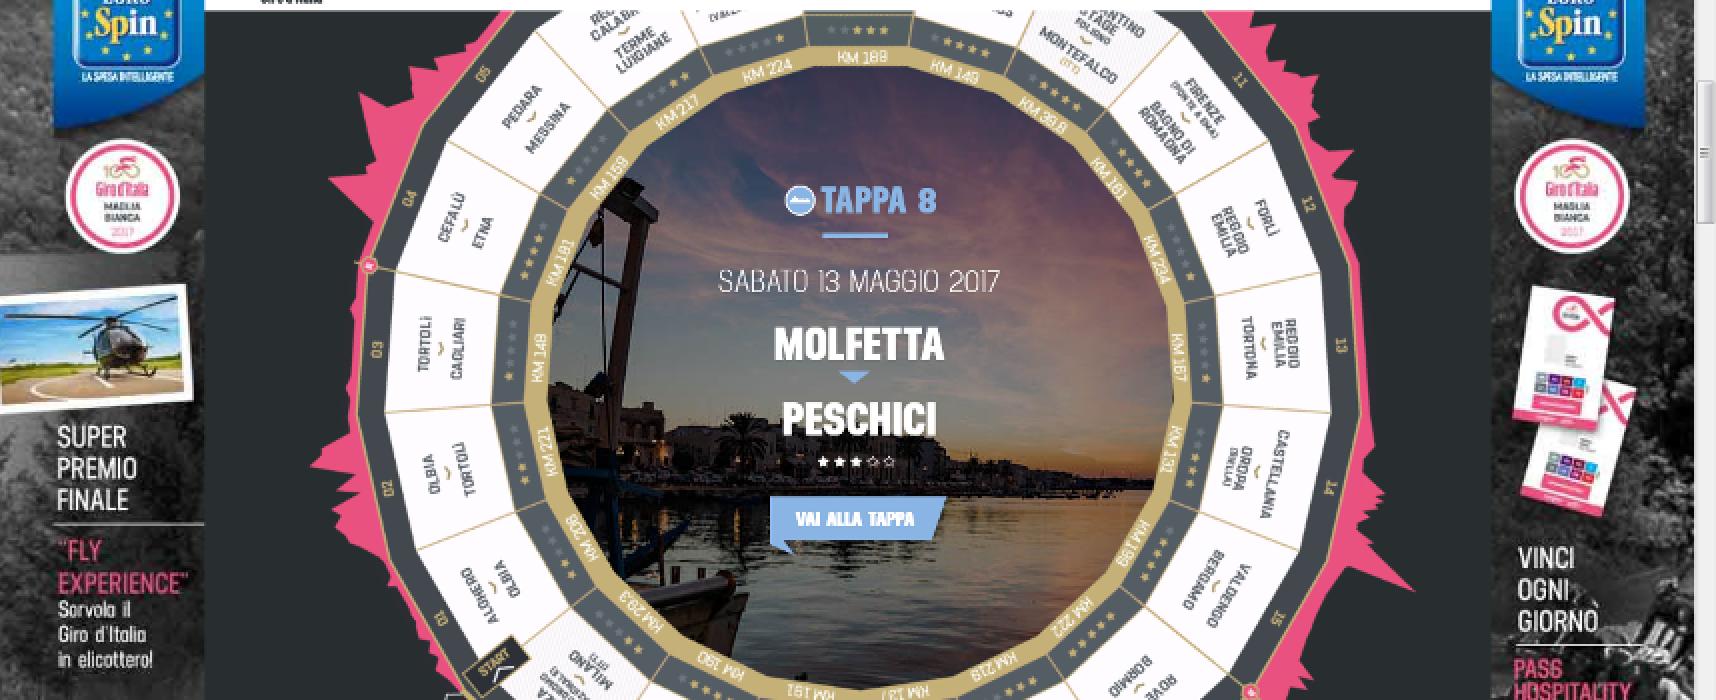 Giro d'Italia a Bisceglie, chiuse tutte le scuole sabato 13 maggio / DETTAGLI